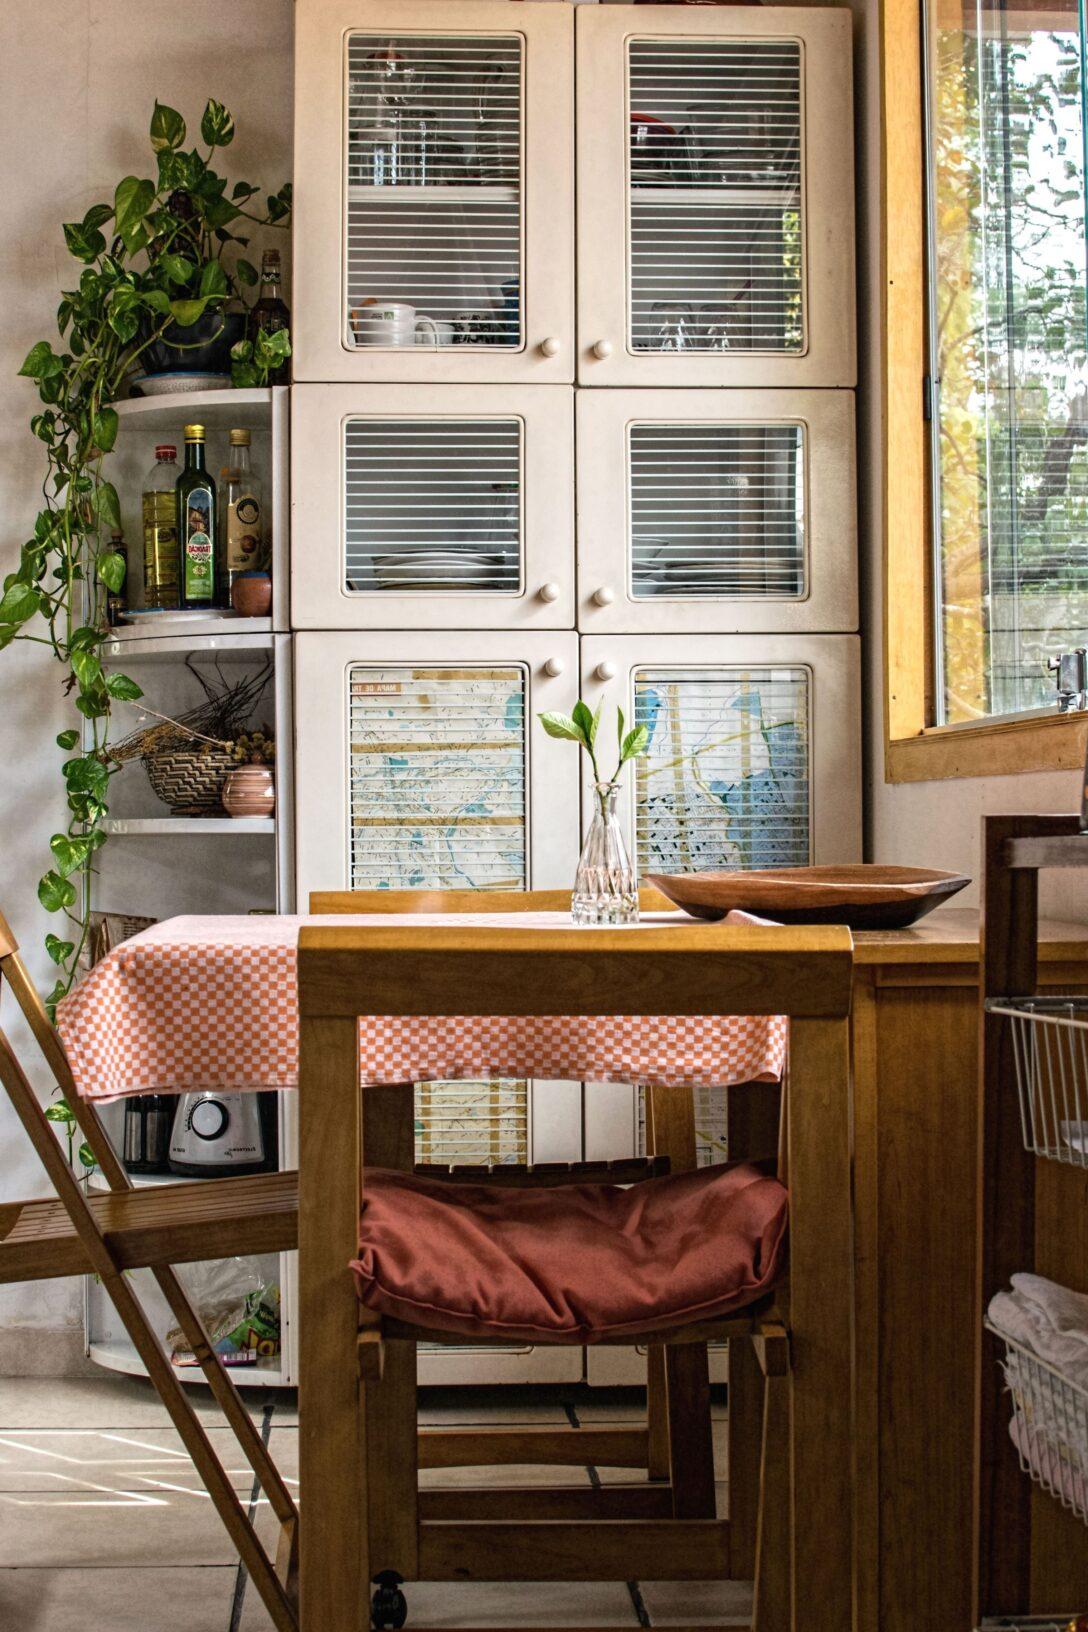 Large Size of Küche Fenster Kostenlose Bild Residenz Mit Theke Ohne Geräte Industrielook Regal 120x120 Kaufen In Polen Alno Hannover Deko Für Internorm Preise Tauschen Wohnzimmer Küche Fenster